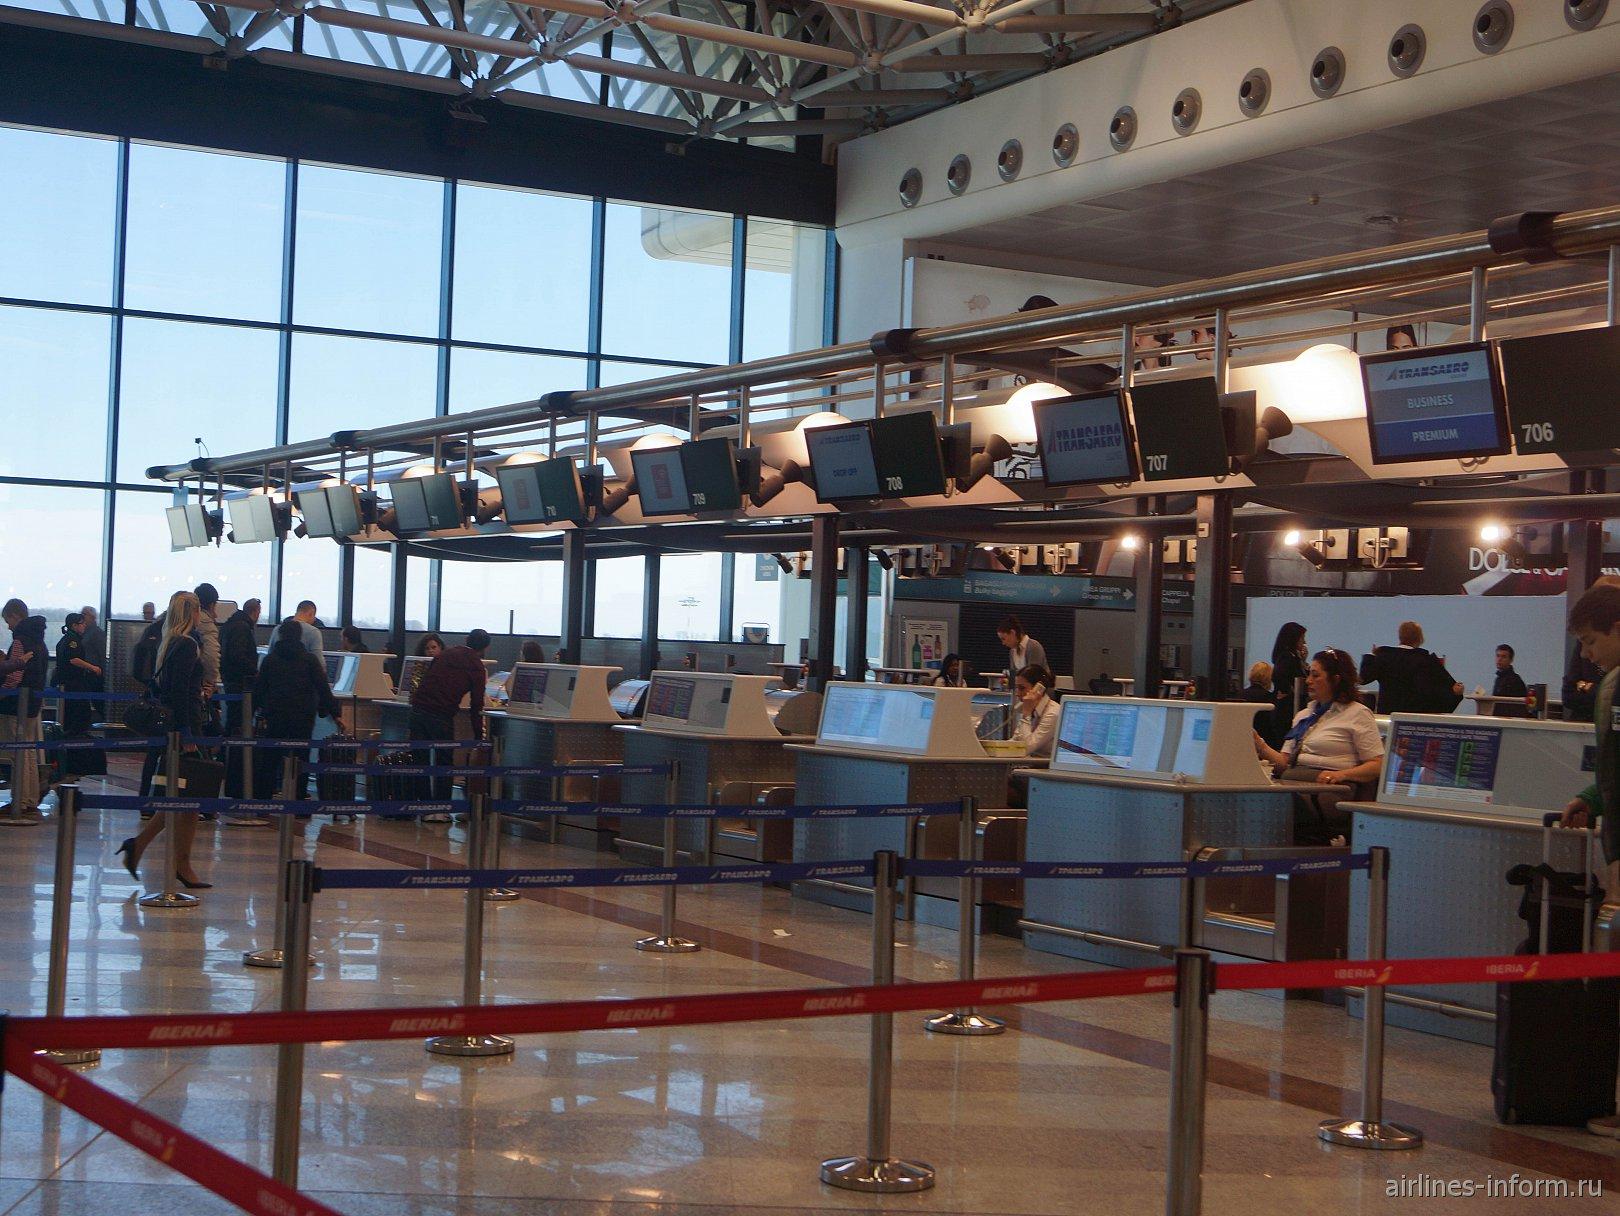 Стойки регистрации в Терминале 1 аэропорта Милан Мальпенса